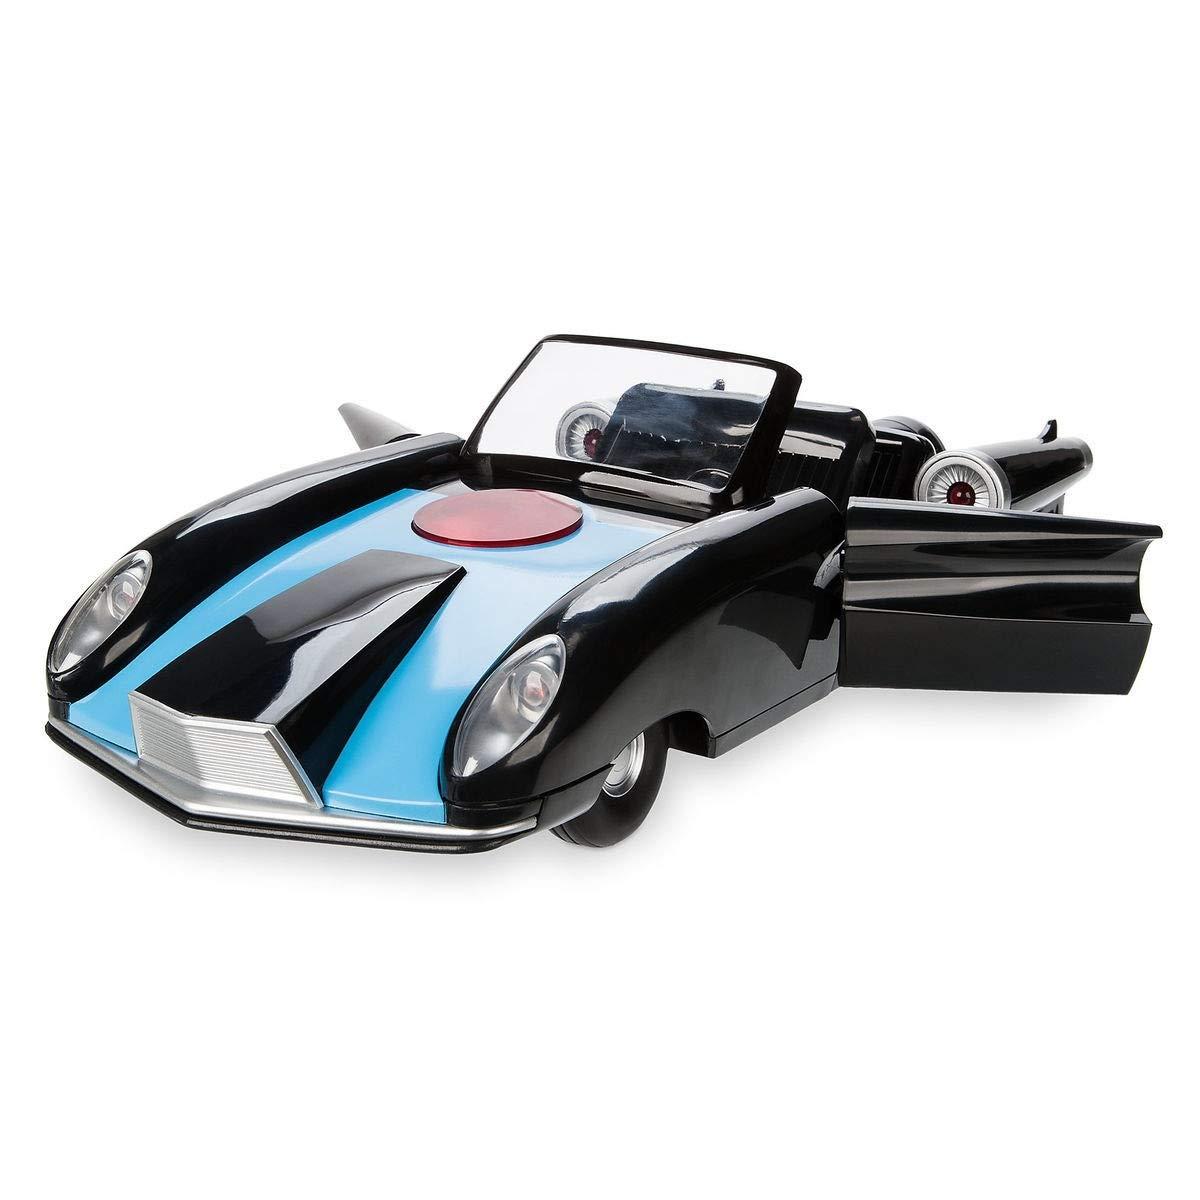 インクレディブルファミリー インクレディビール ラジコンカー Incredibles 2 The Incredibile RC CAR   B07NZT8RV1